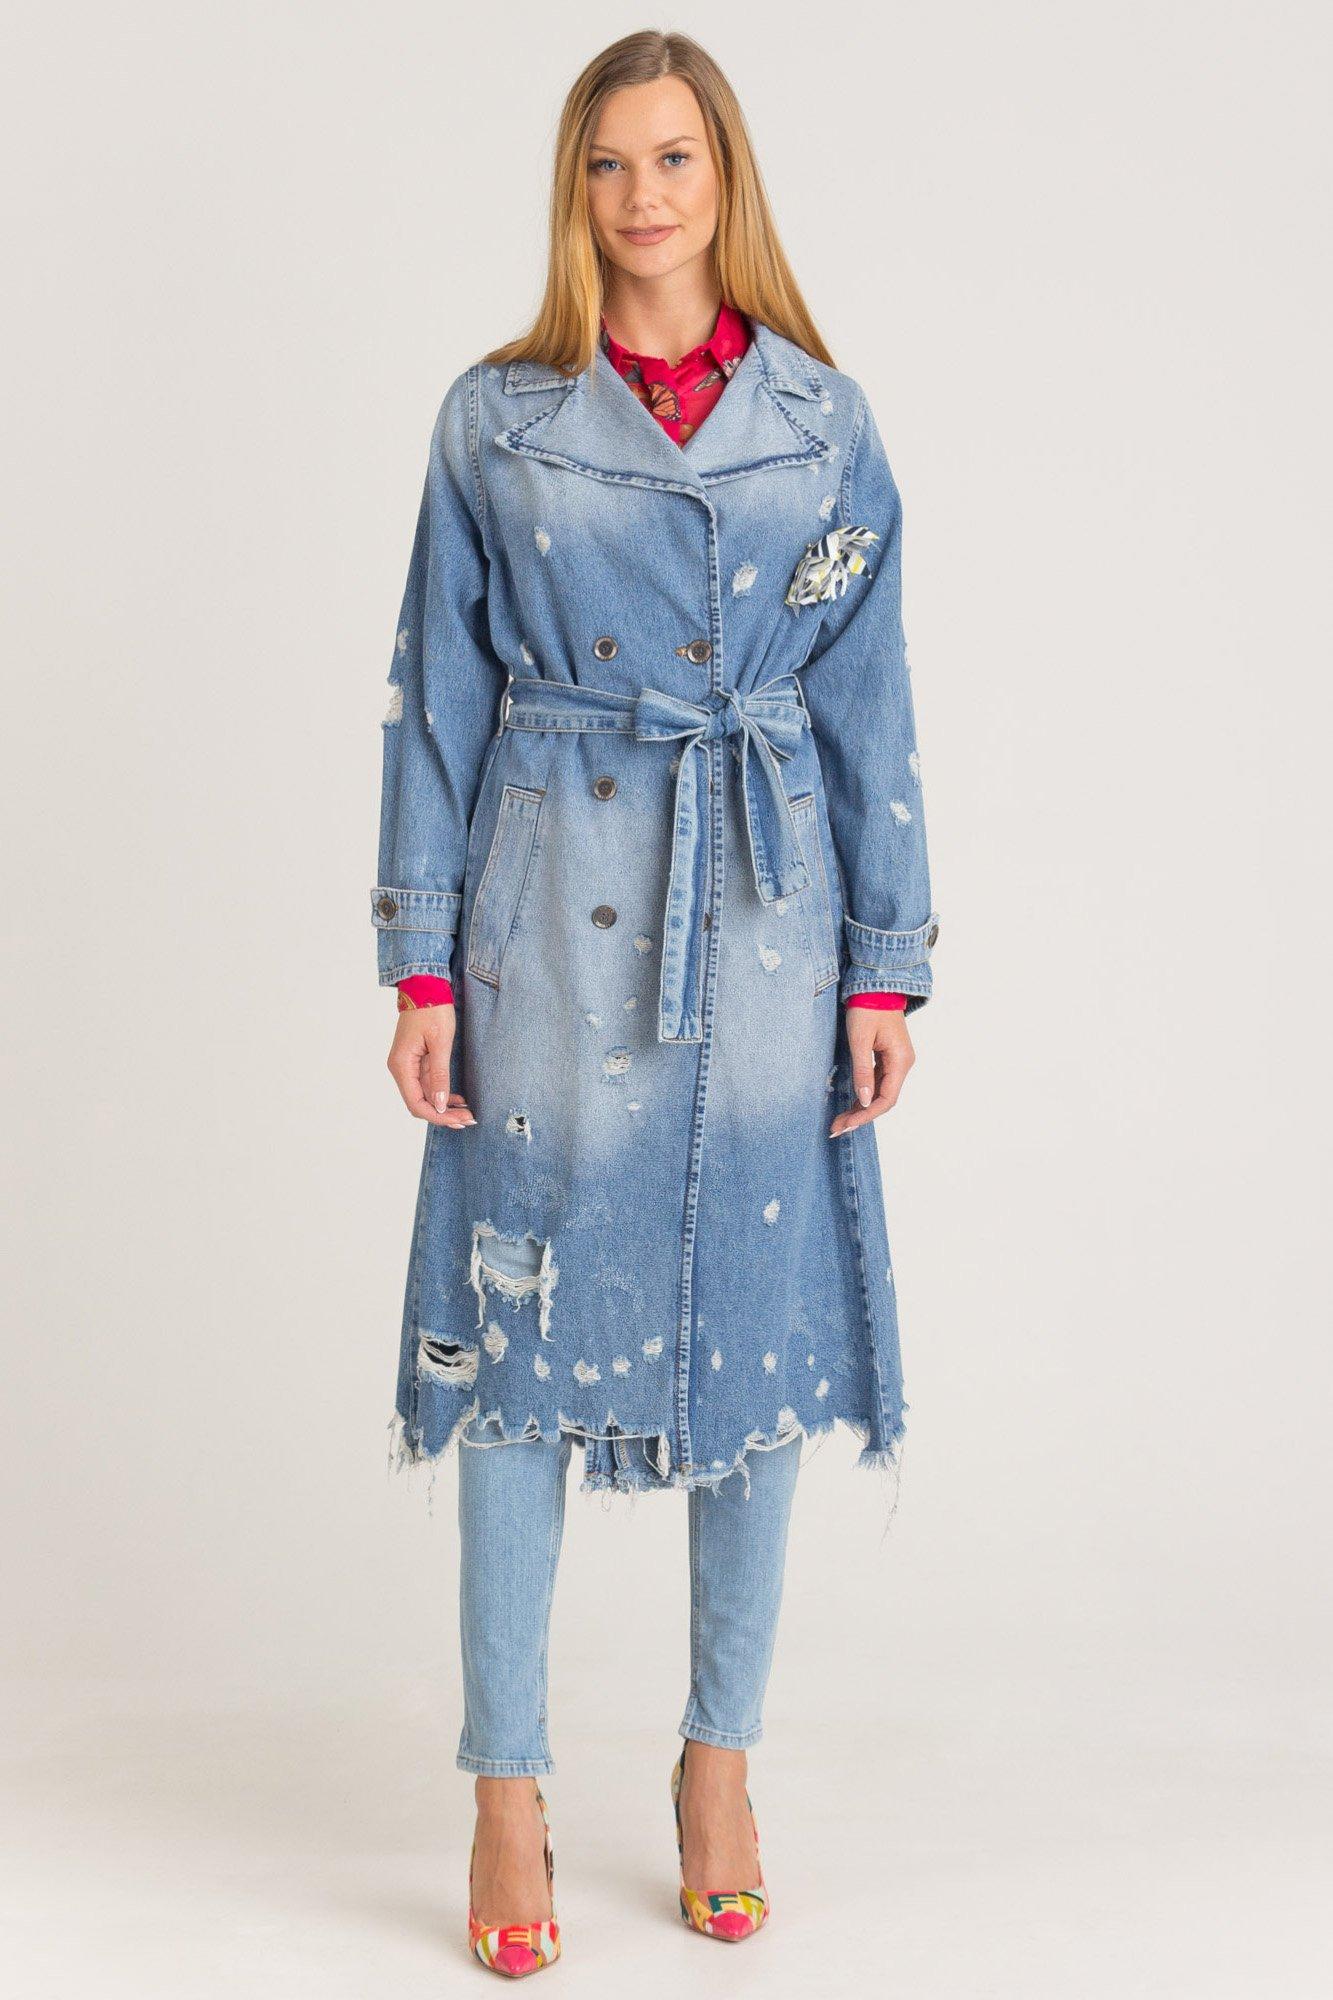 Płaszcz Jeansowy Marki Premium W Sklepie Velpa Pl